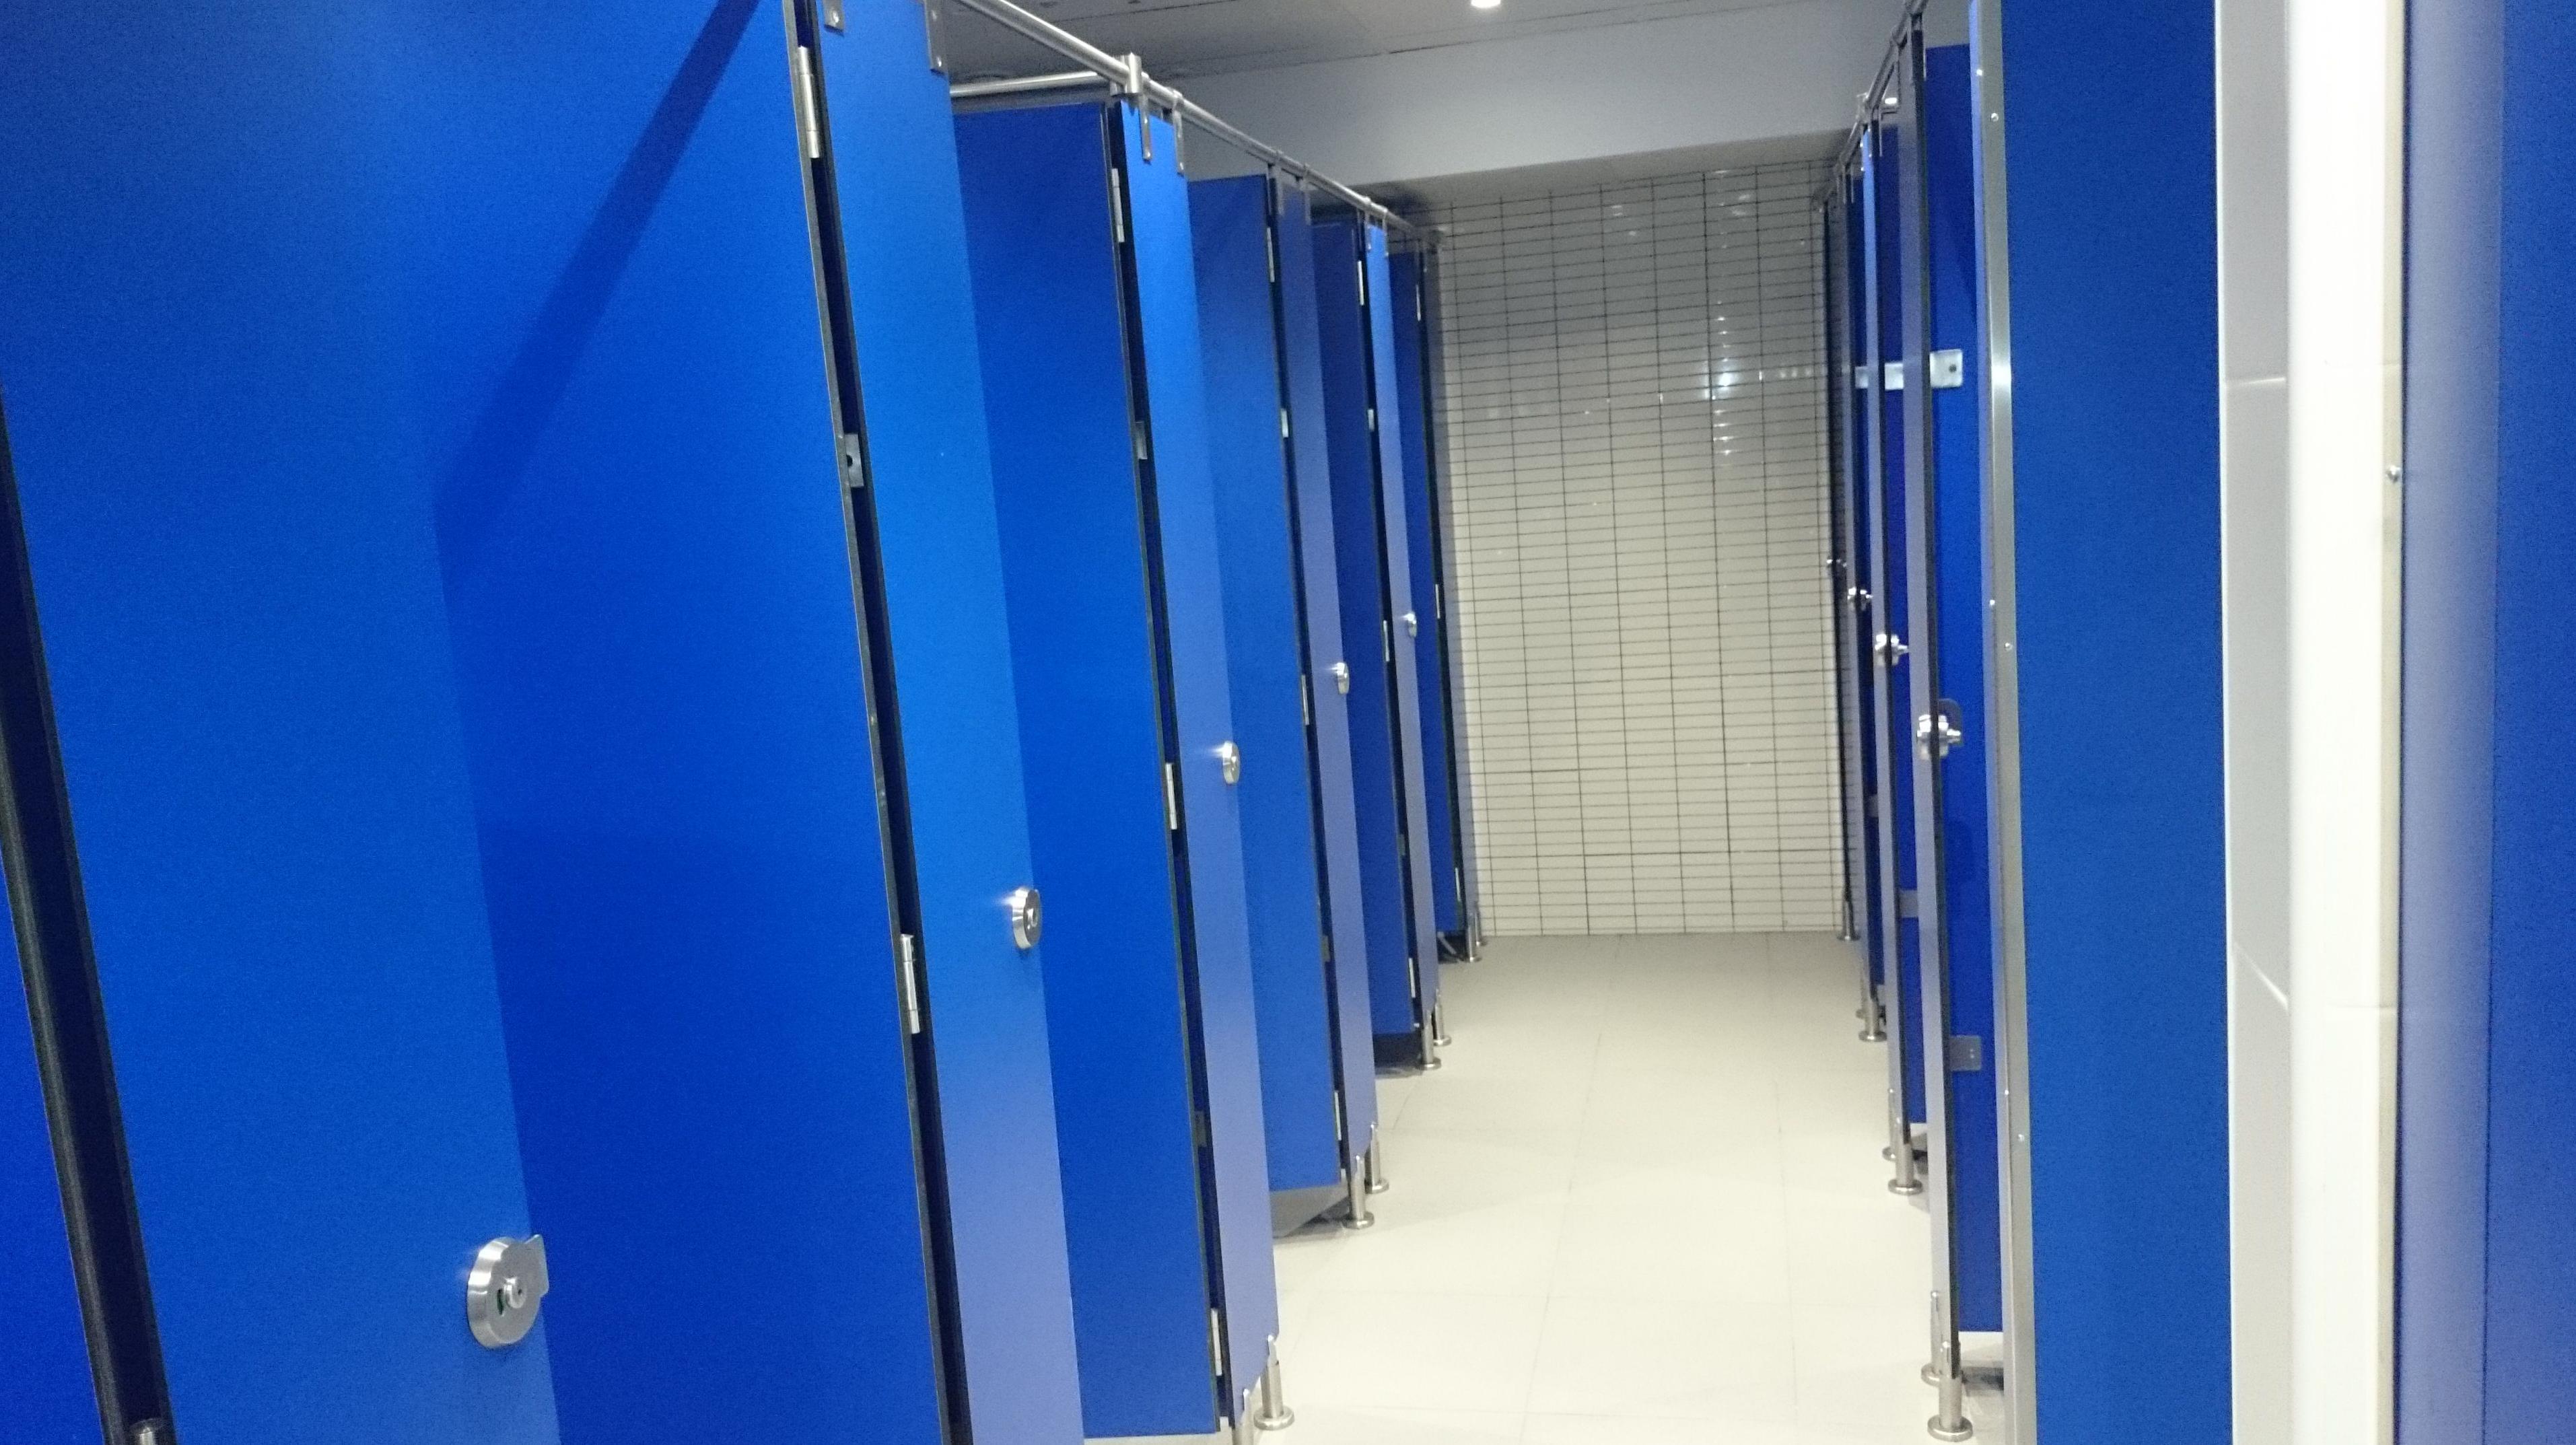 Instalaciôn puertas de baños